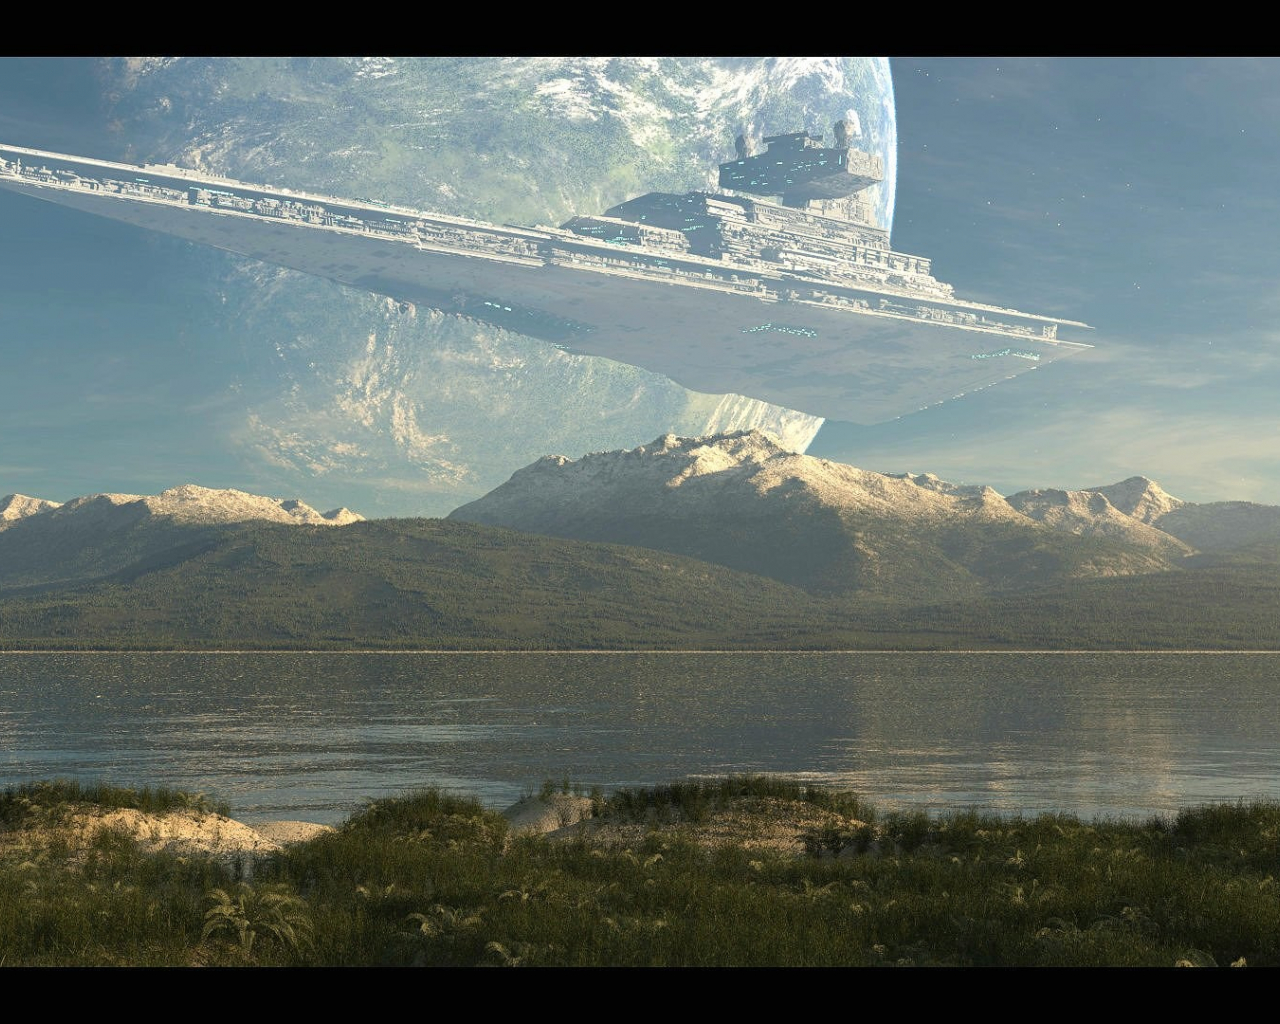 Free Download Star Wars Landscape Wallpaper 70 Images 1920x1080 For Your Desktop Mobile Tablet Explore 50 Star Wars Backgrounds Space Landscape Star Wars Backgrounds Space Landscape Star Wars Landscape